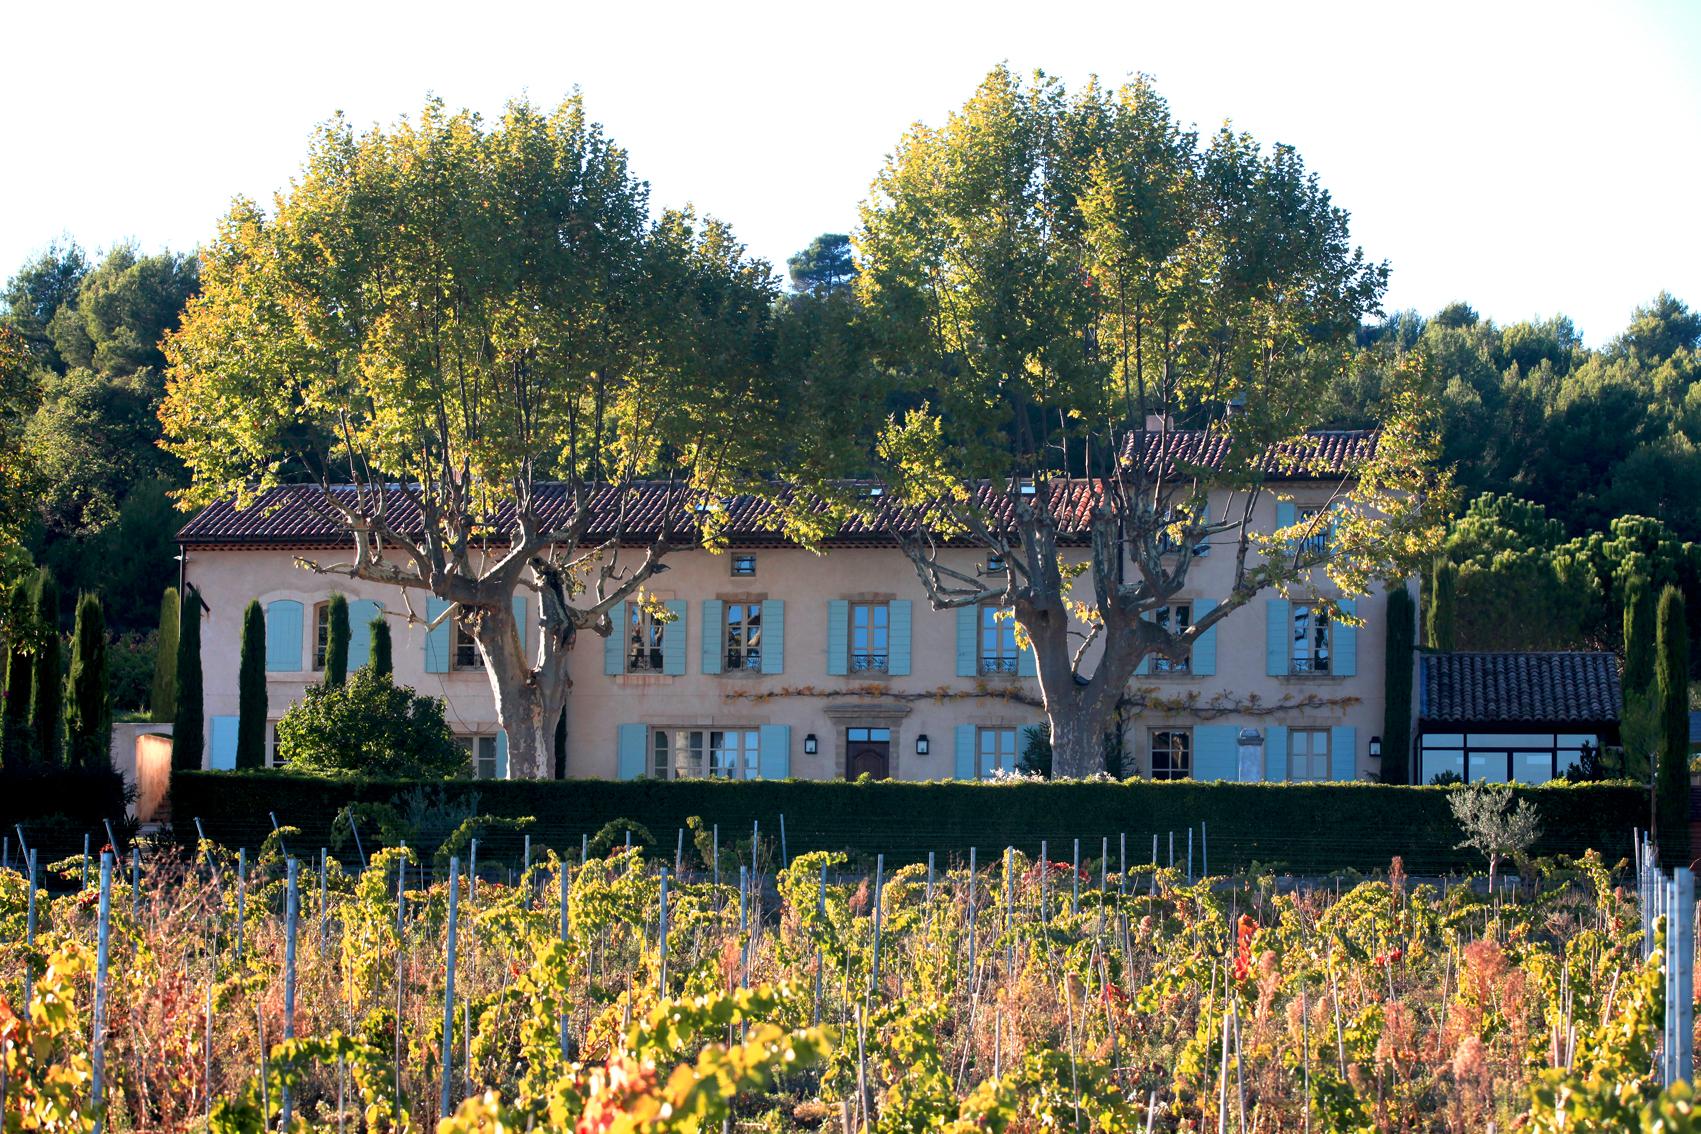 Saint-medard-wine-provence